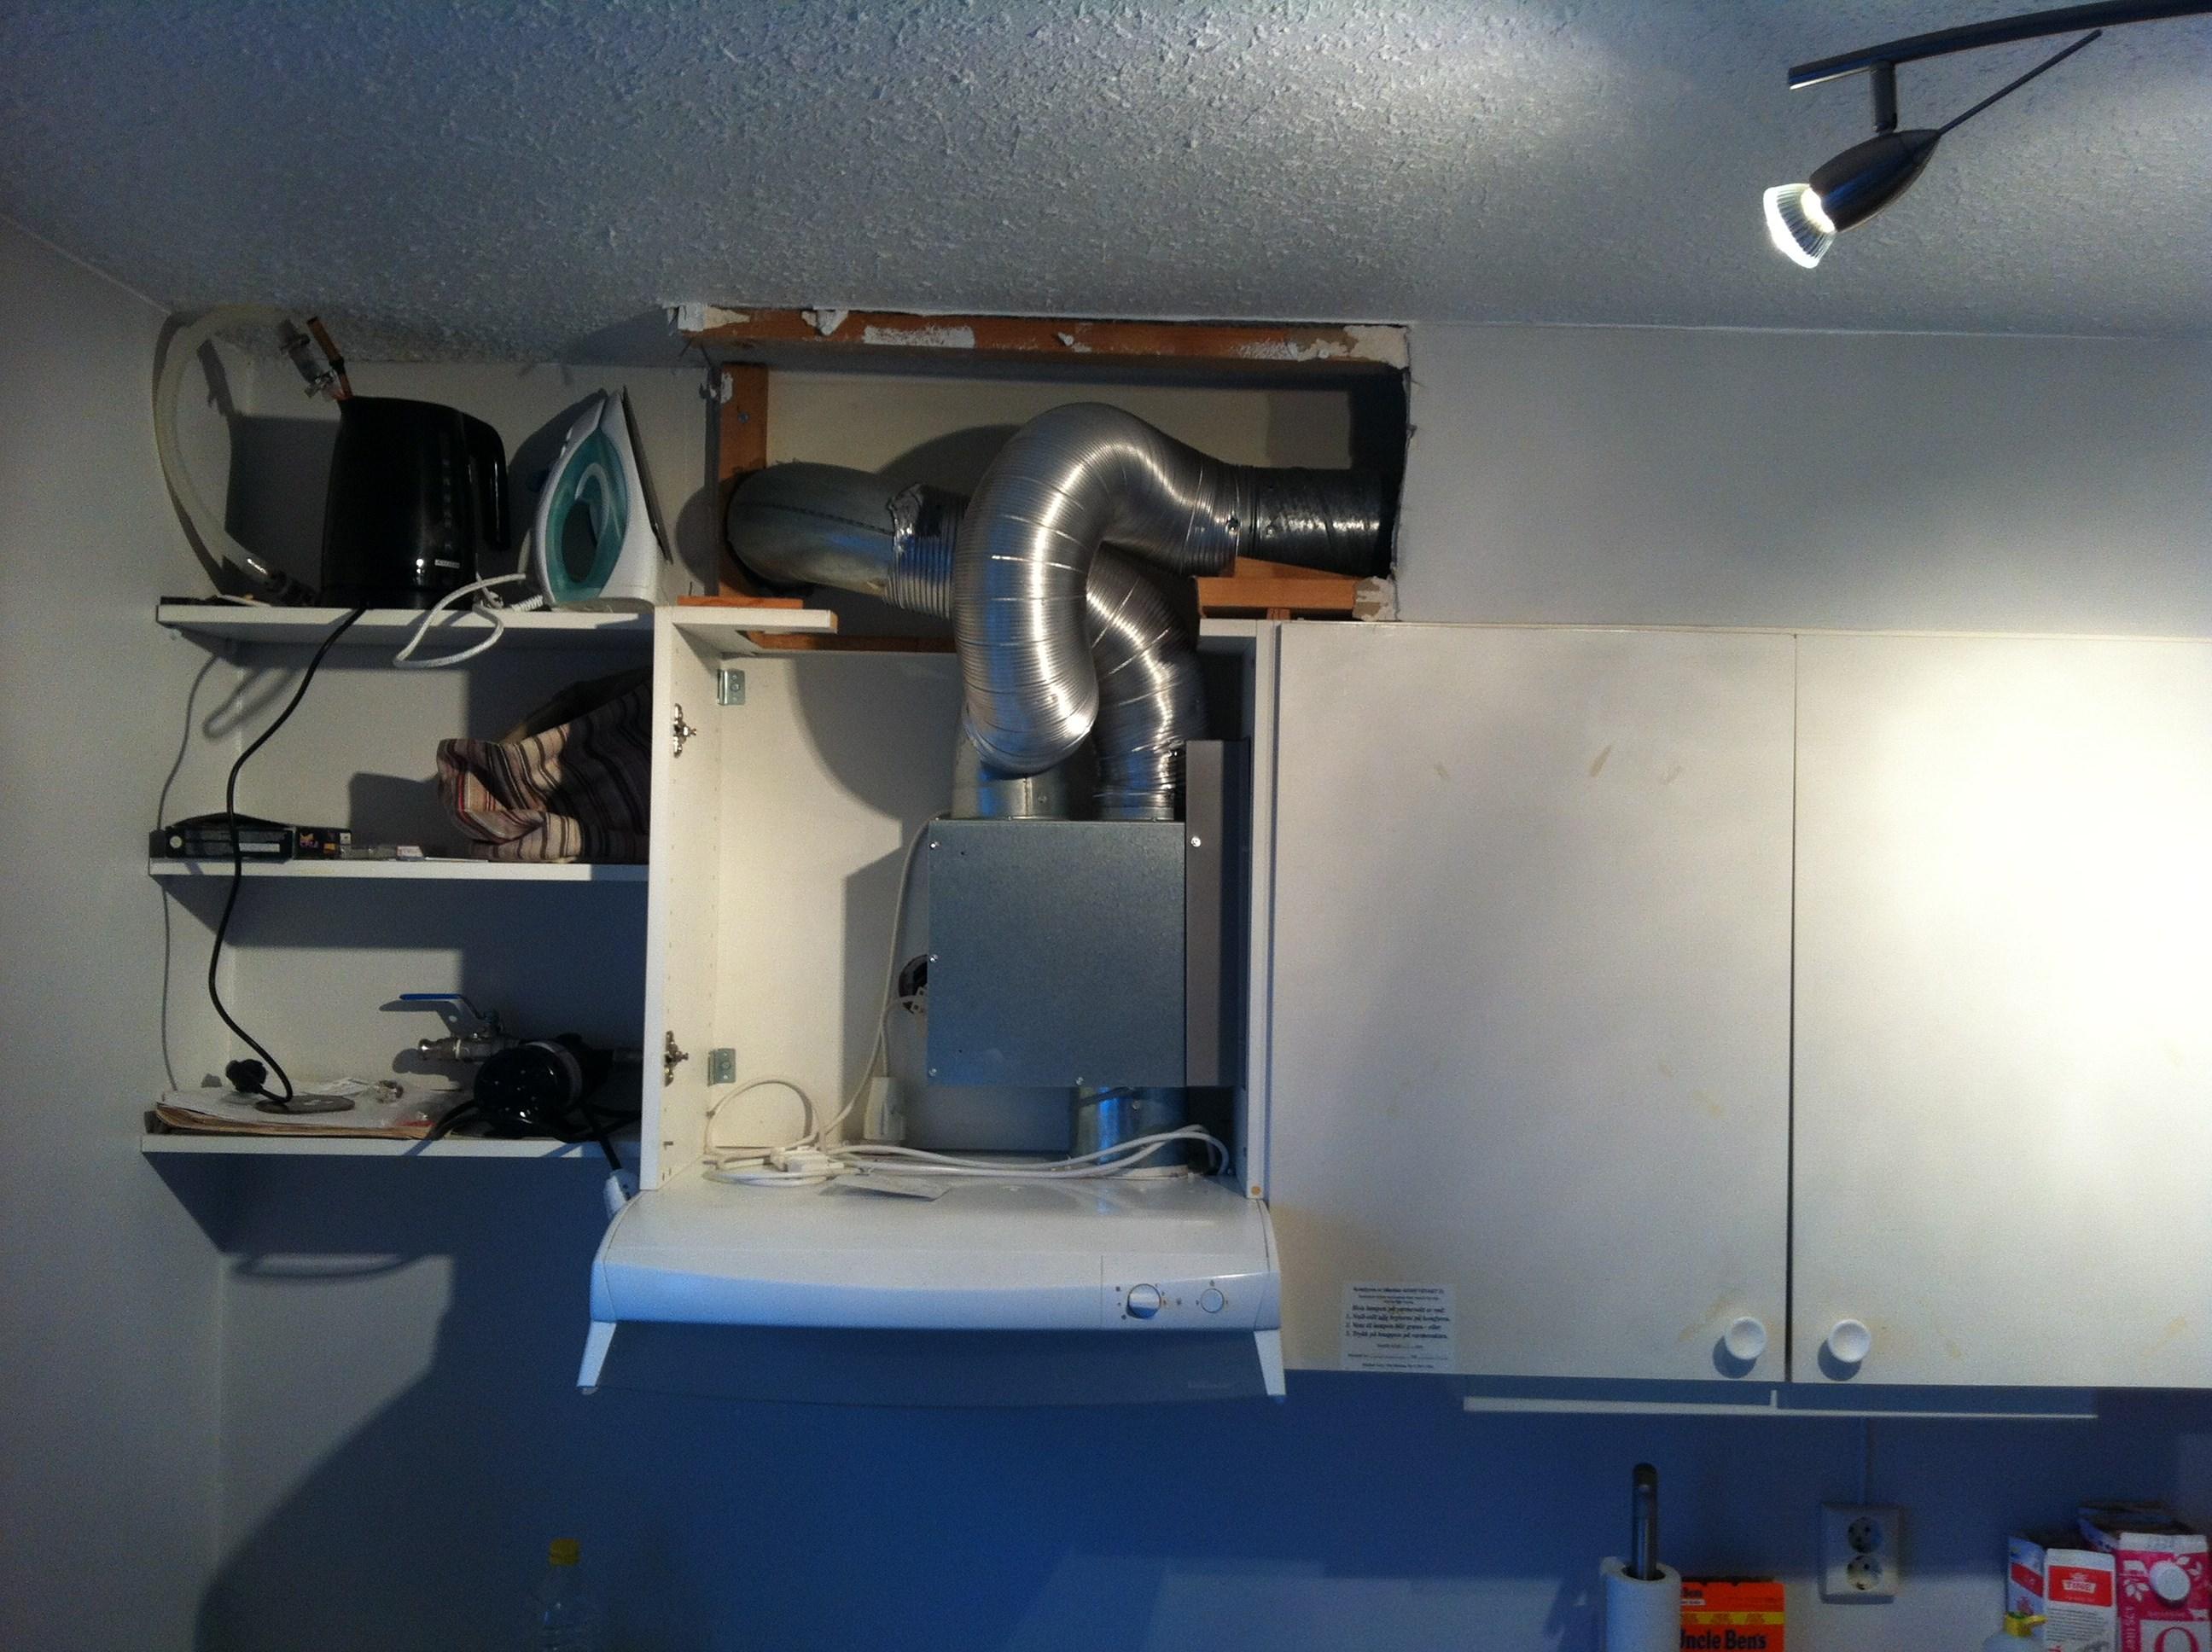 Nytt kjøkken - Ventilasjon skaper hodebry - ByggeBolig